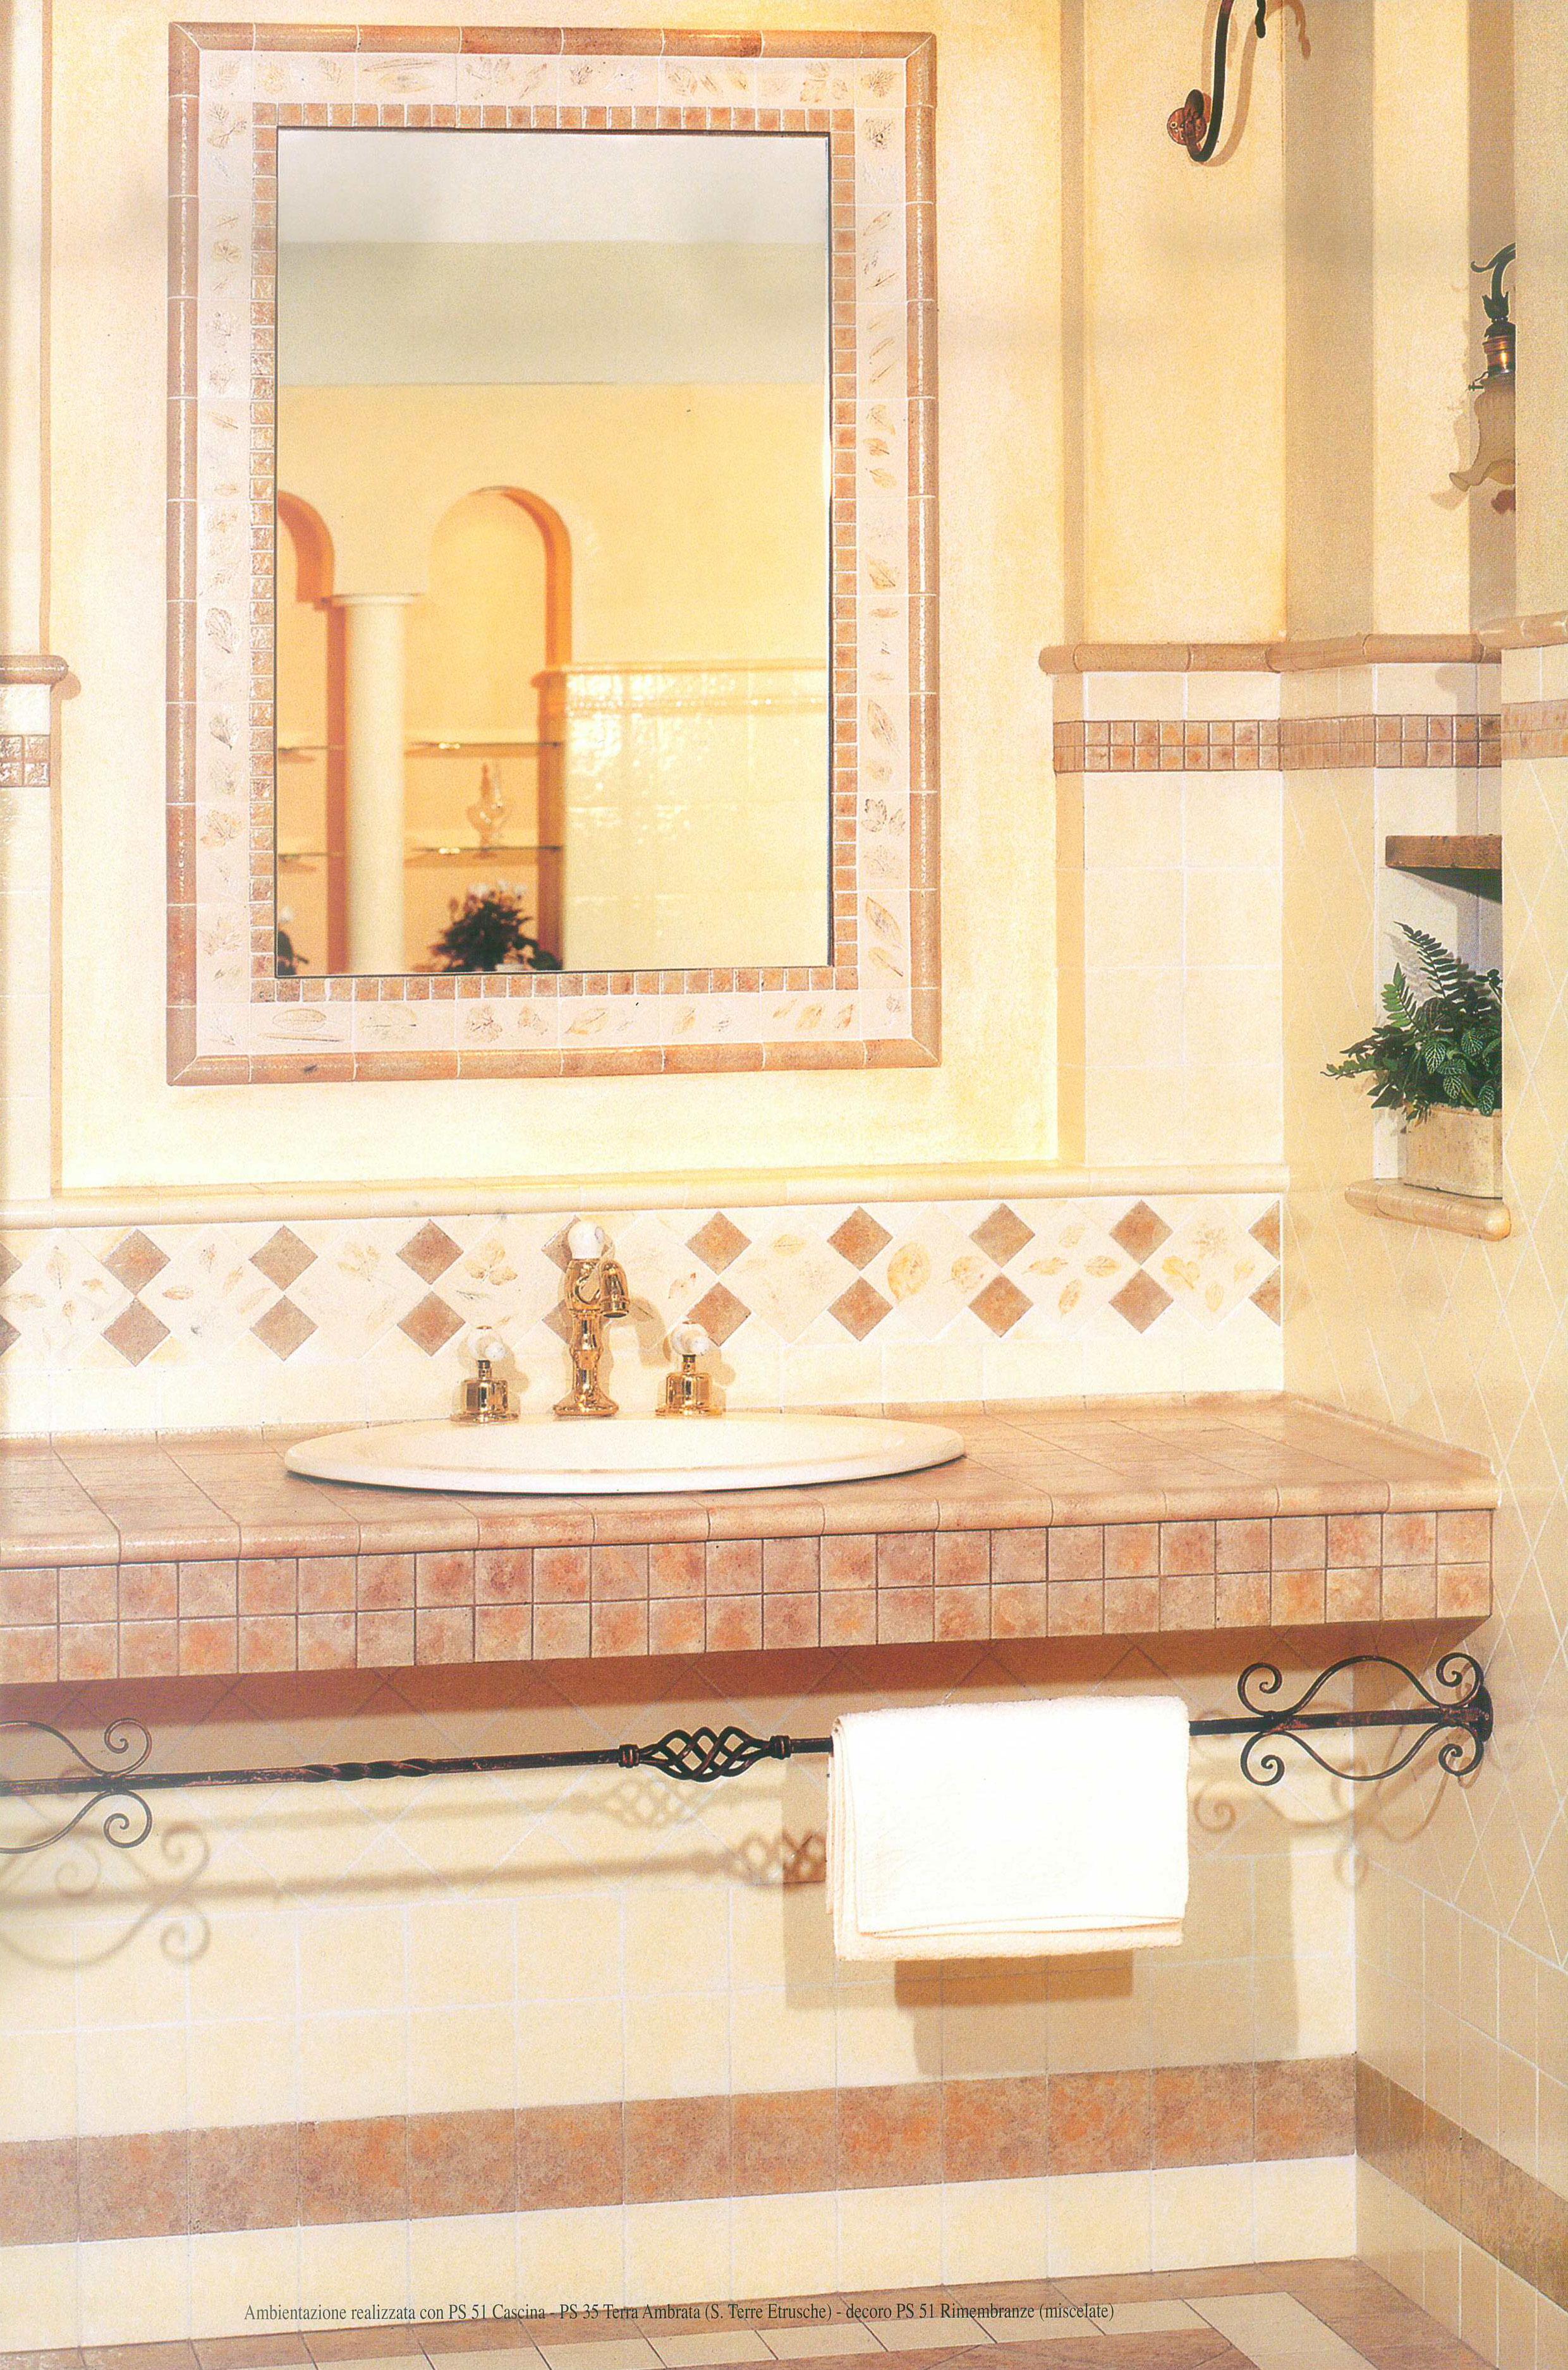 Piastrelle Arancioni Per Bagno dettagli su piastrelle pavimento rivestimento bagno cucina beige marrone  10x10 20x20